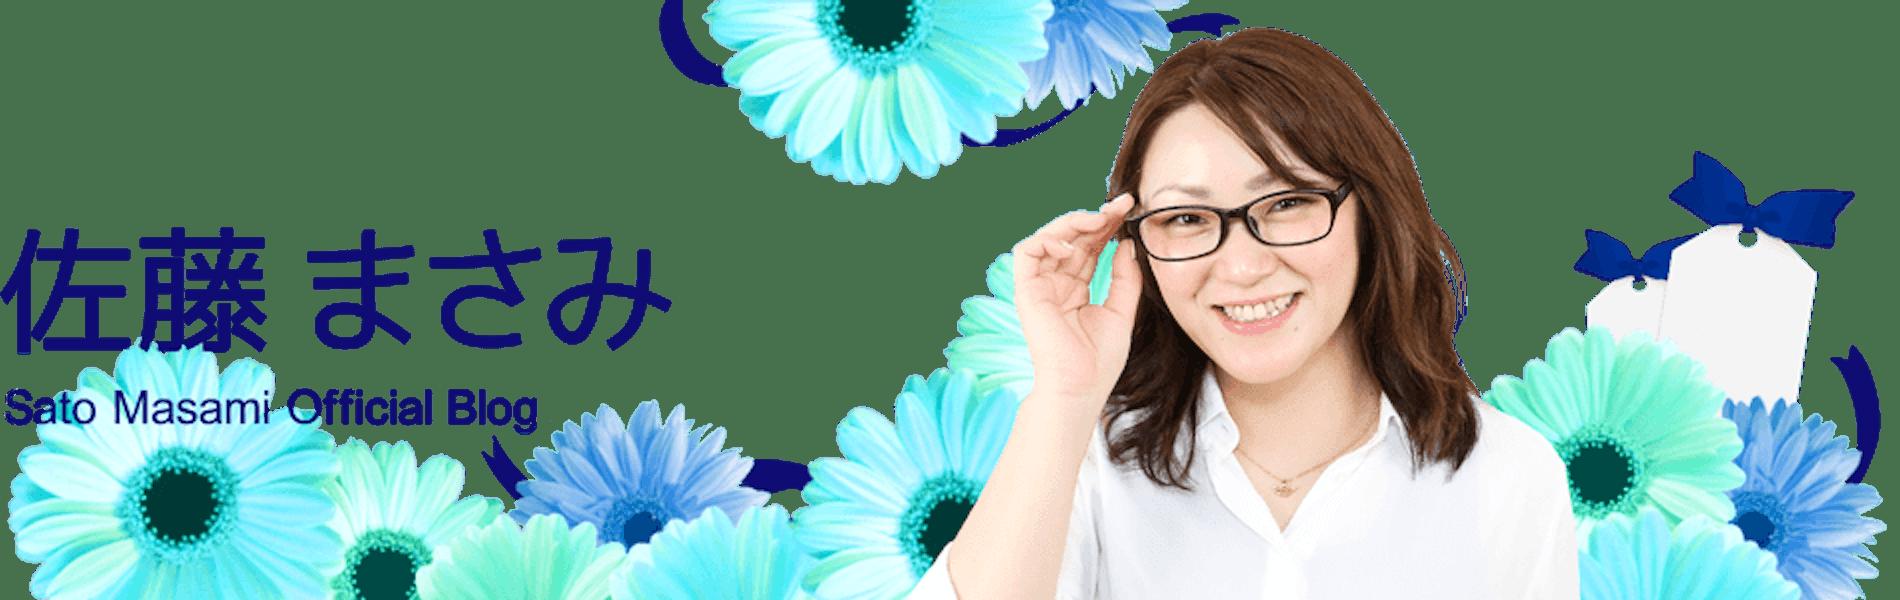 佐藤まさみ オフィシャルブログ